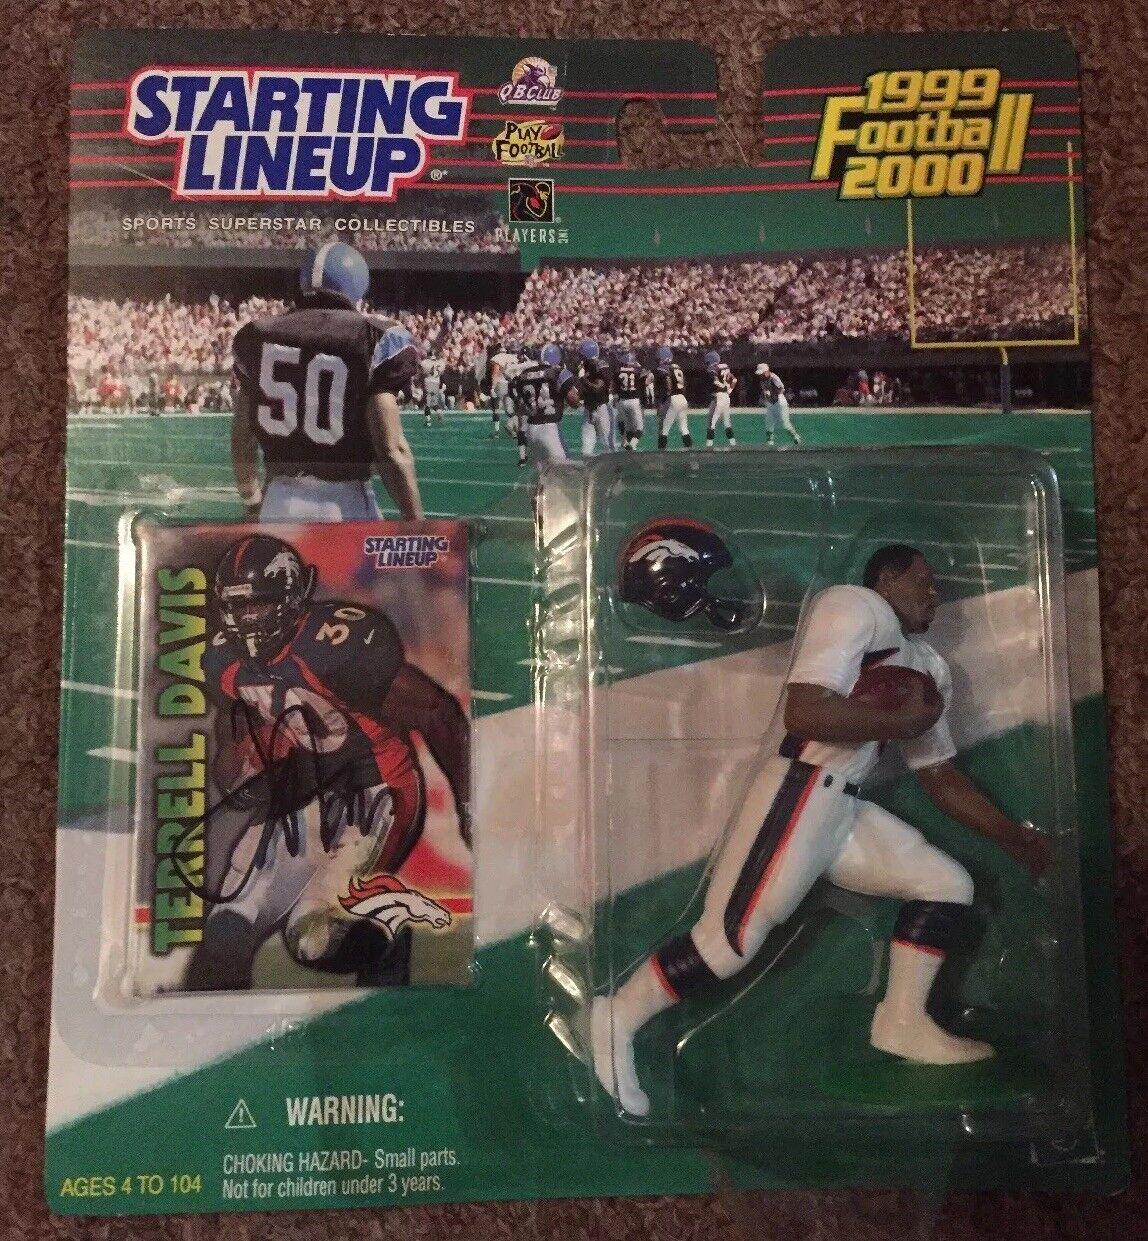 Terrell Davis Signed  Autographed 1999-2000 estrellating Lineup... Denver Broncos